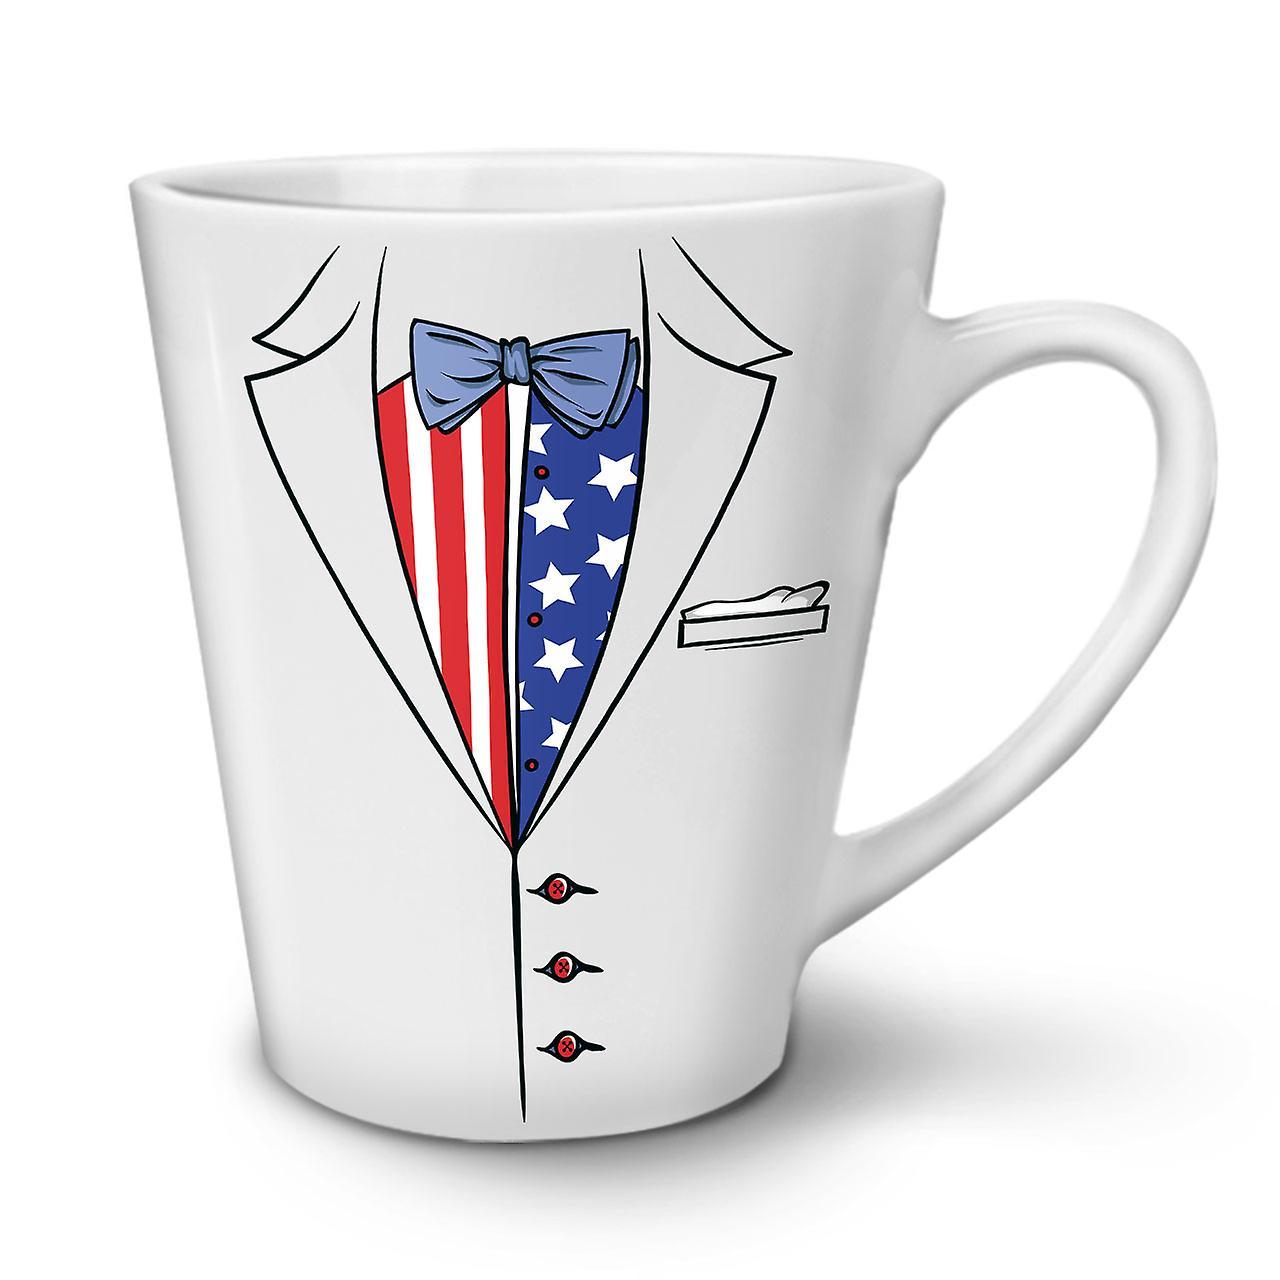 OzWellcoda Américain Blanche Tasse Latte Café Drapeau 12 Céramique En Costume Nouvelle DYeI9WH2E